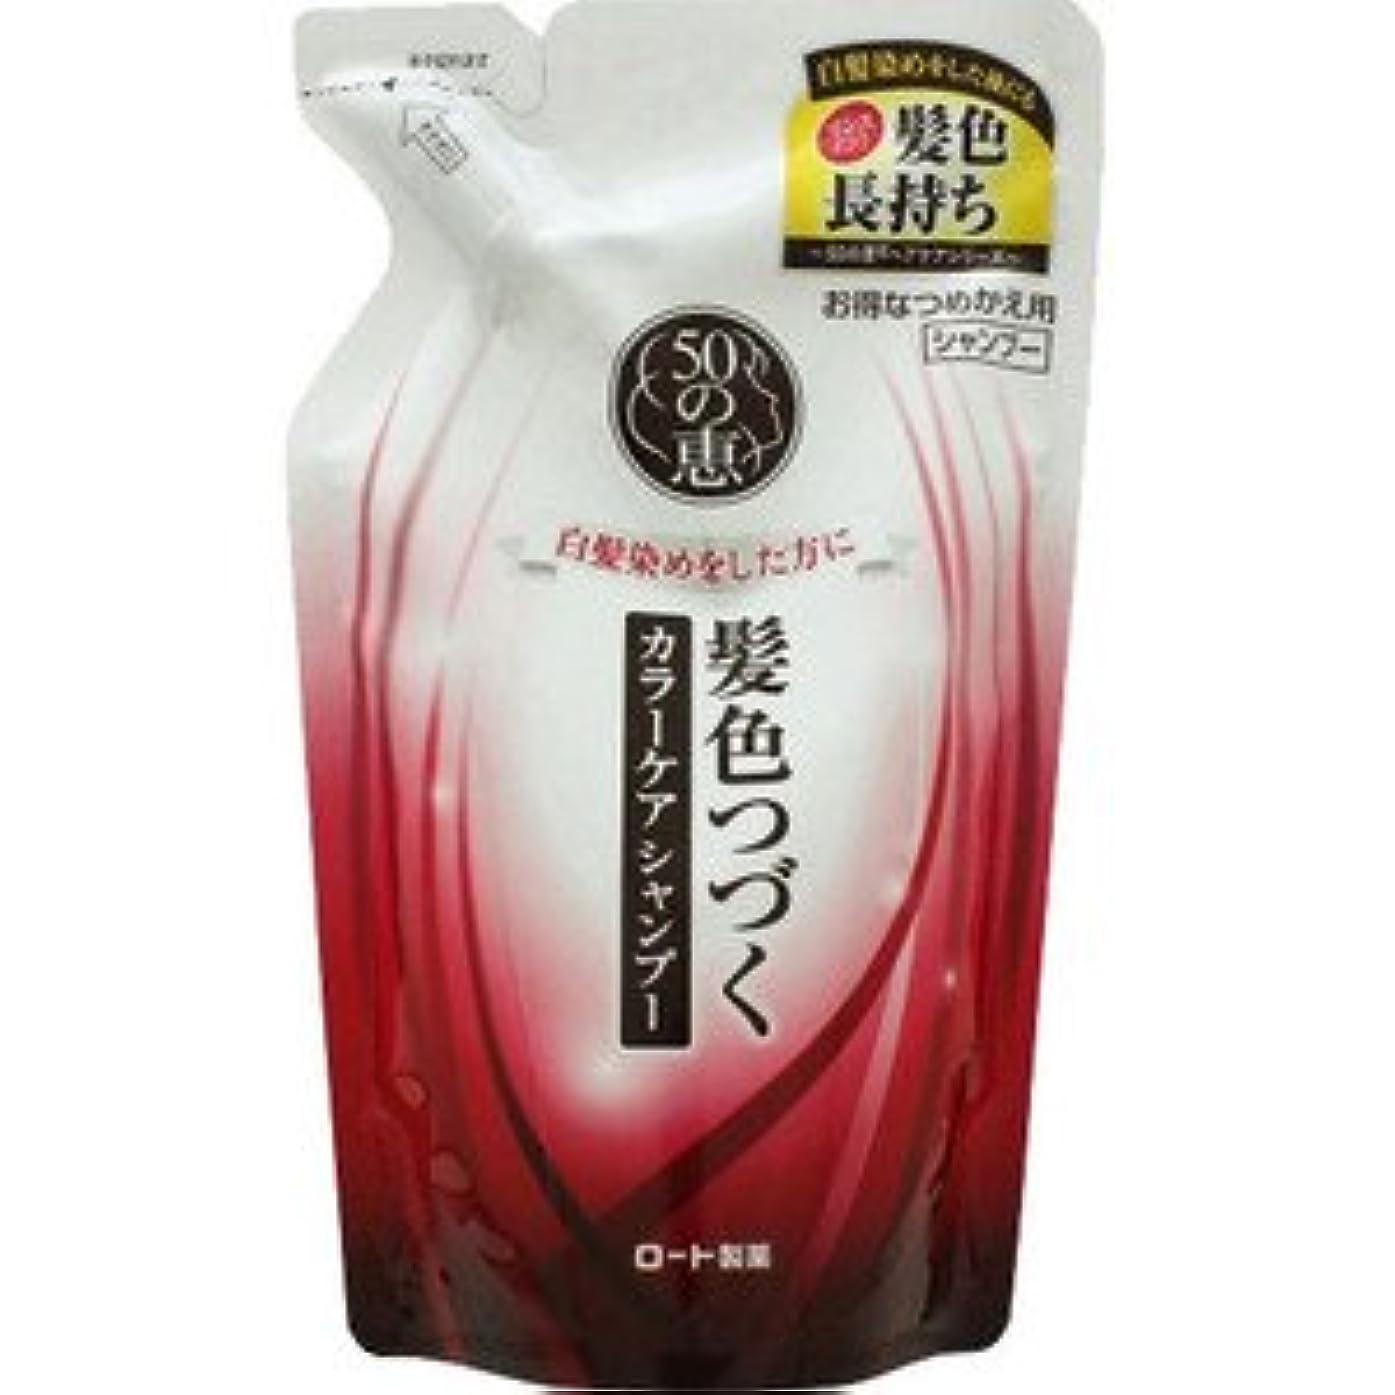 提案するリスク必須(ロート製薬)50の恵 髪色つづく カラーケア シャンプー(つめかえ用) 330ml(お買い得3個セット)